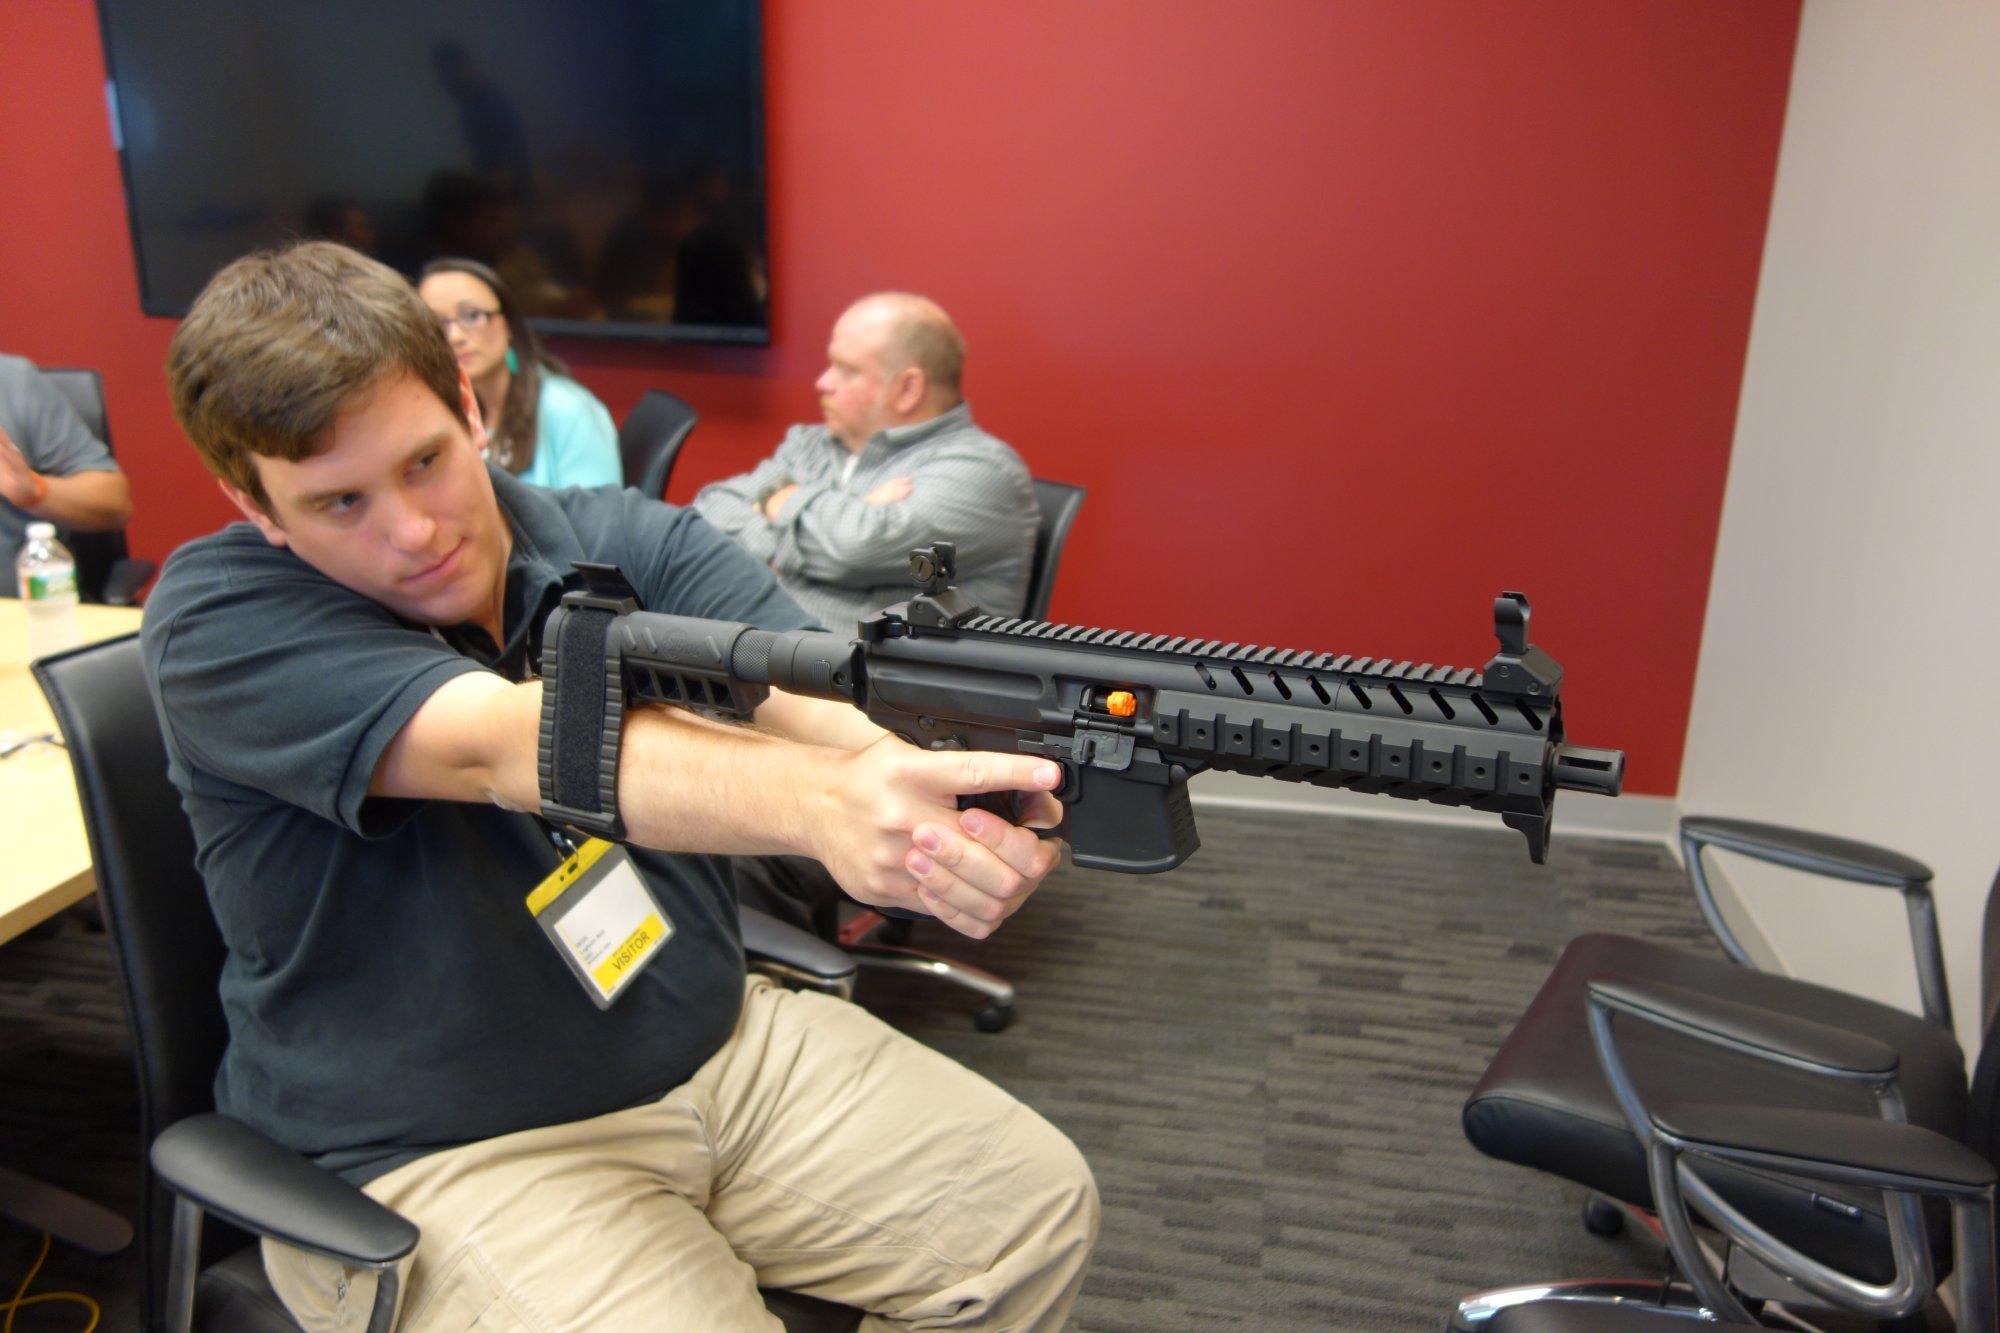 SIG SAUER SIGTac SB15 Pistol Stabilizing Brace for One